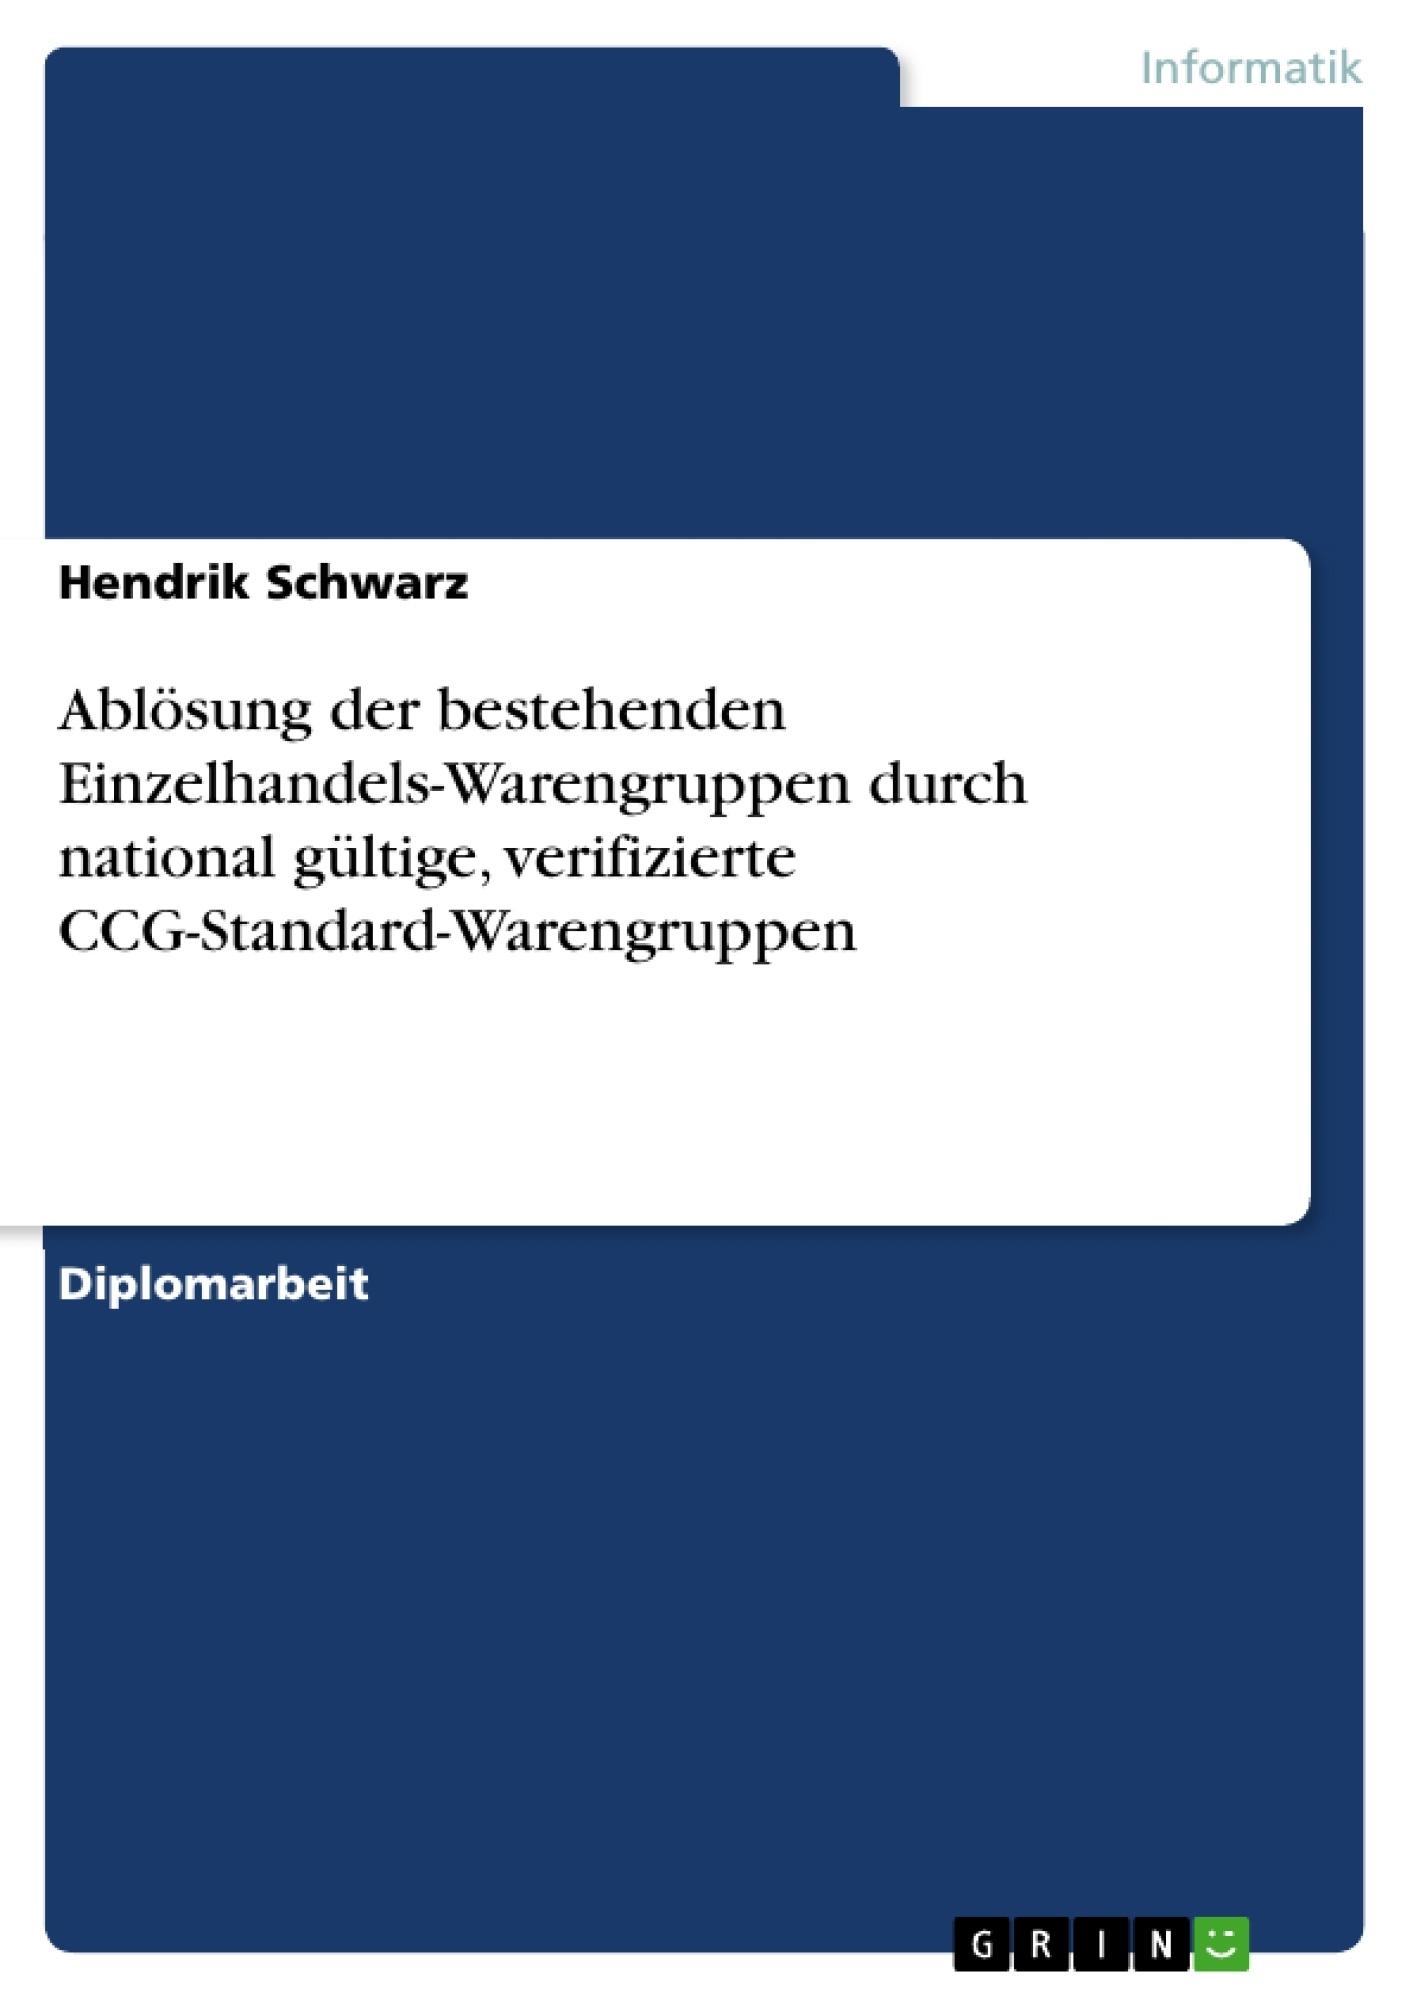 Titel: Ablösung der bestehenden Einzelhandels-Warengruppen durch national gültige, verifizierte CCG-Standard-Warengruppen